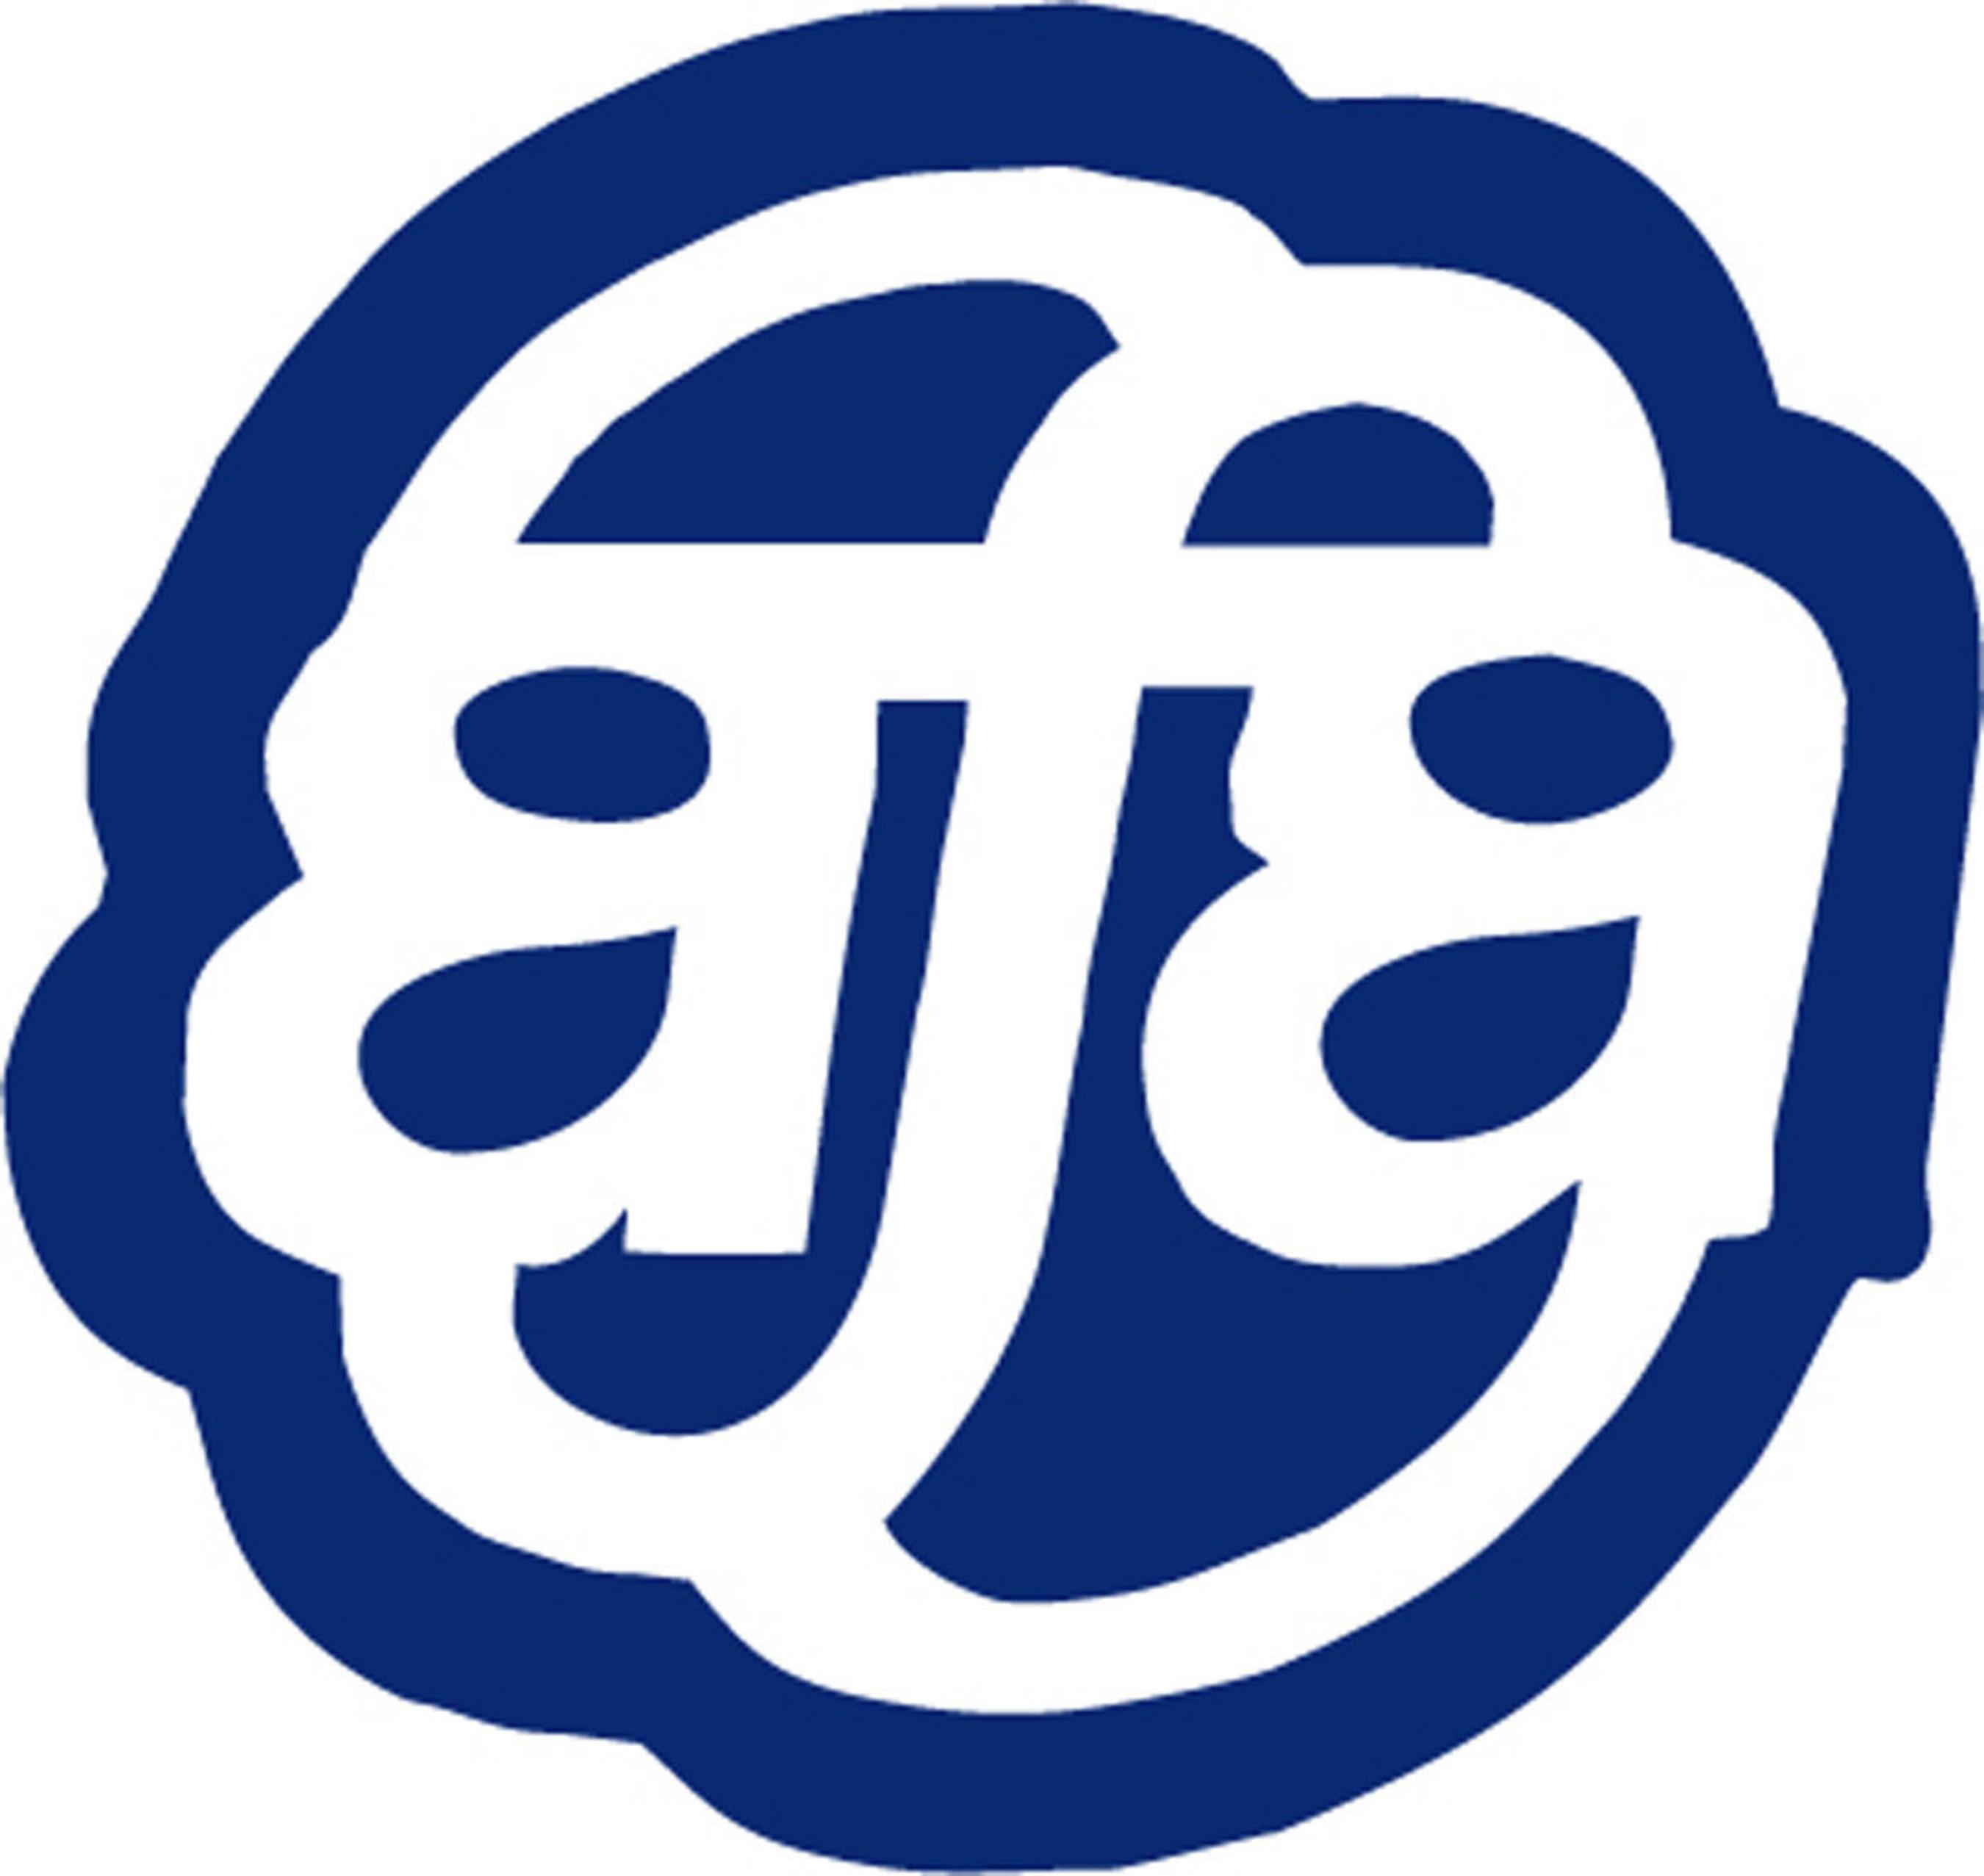 Association of Flight Attendants Logo.